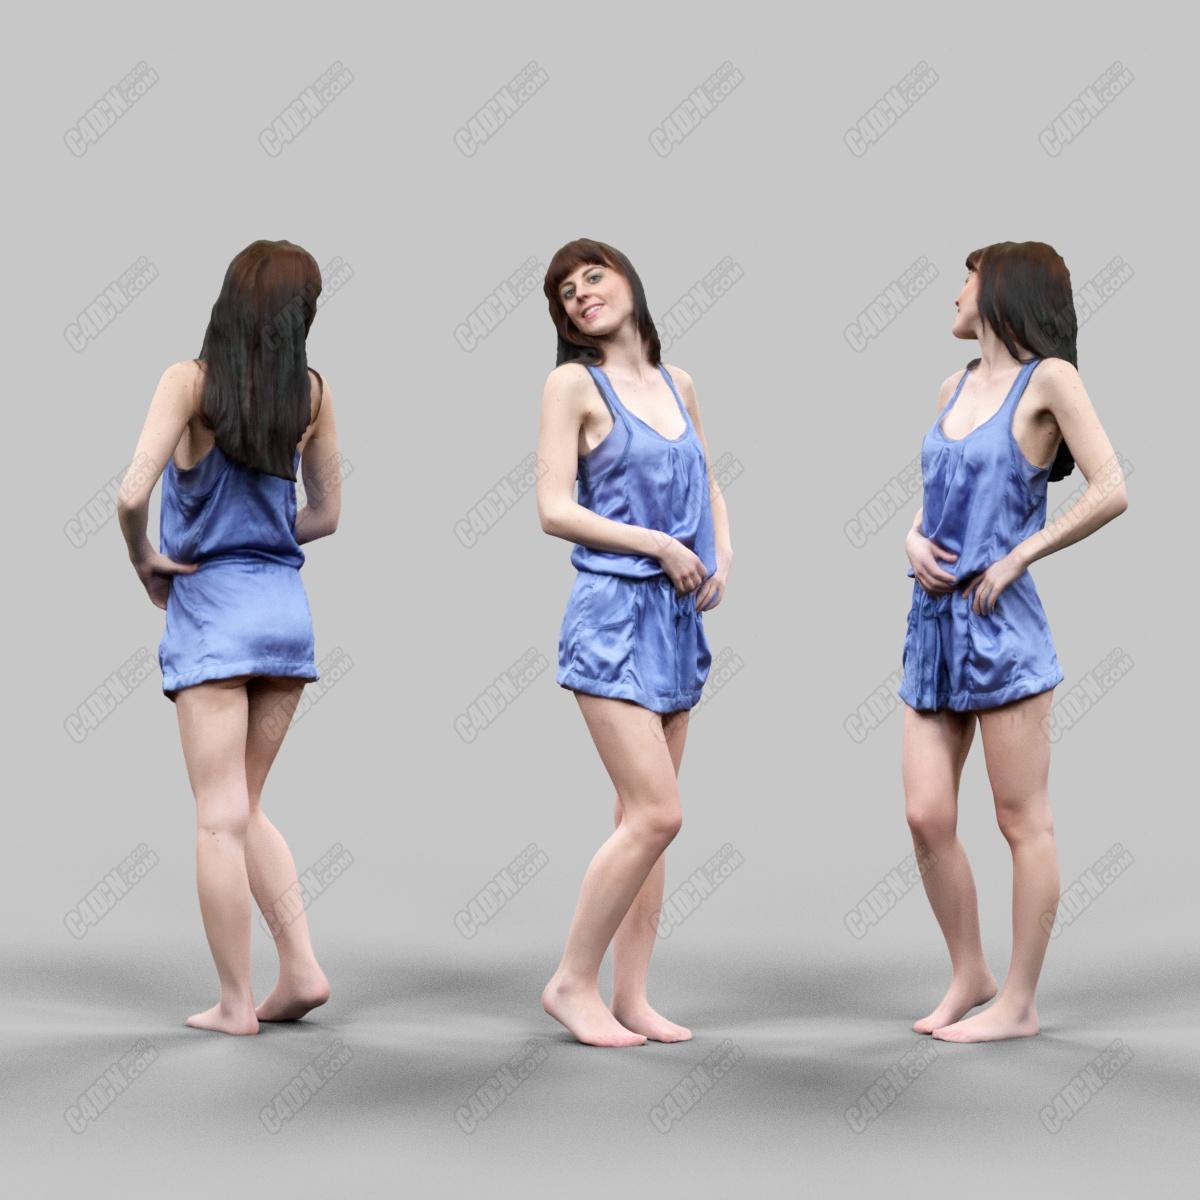 蓝色闪亮礼服的女孩C4D模型